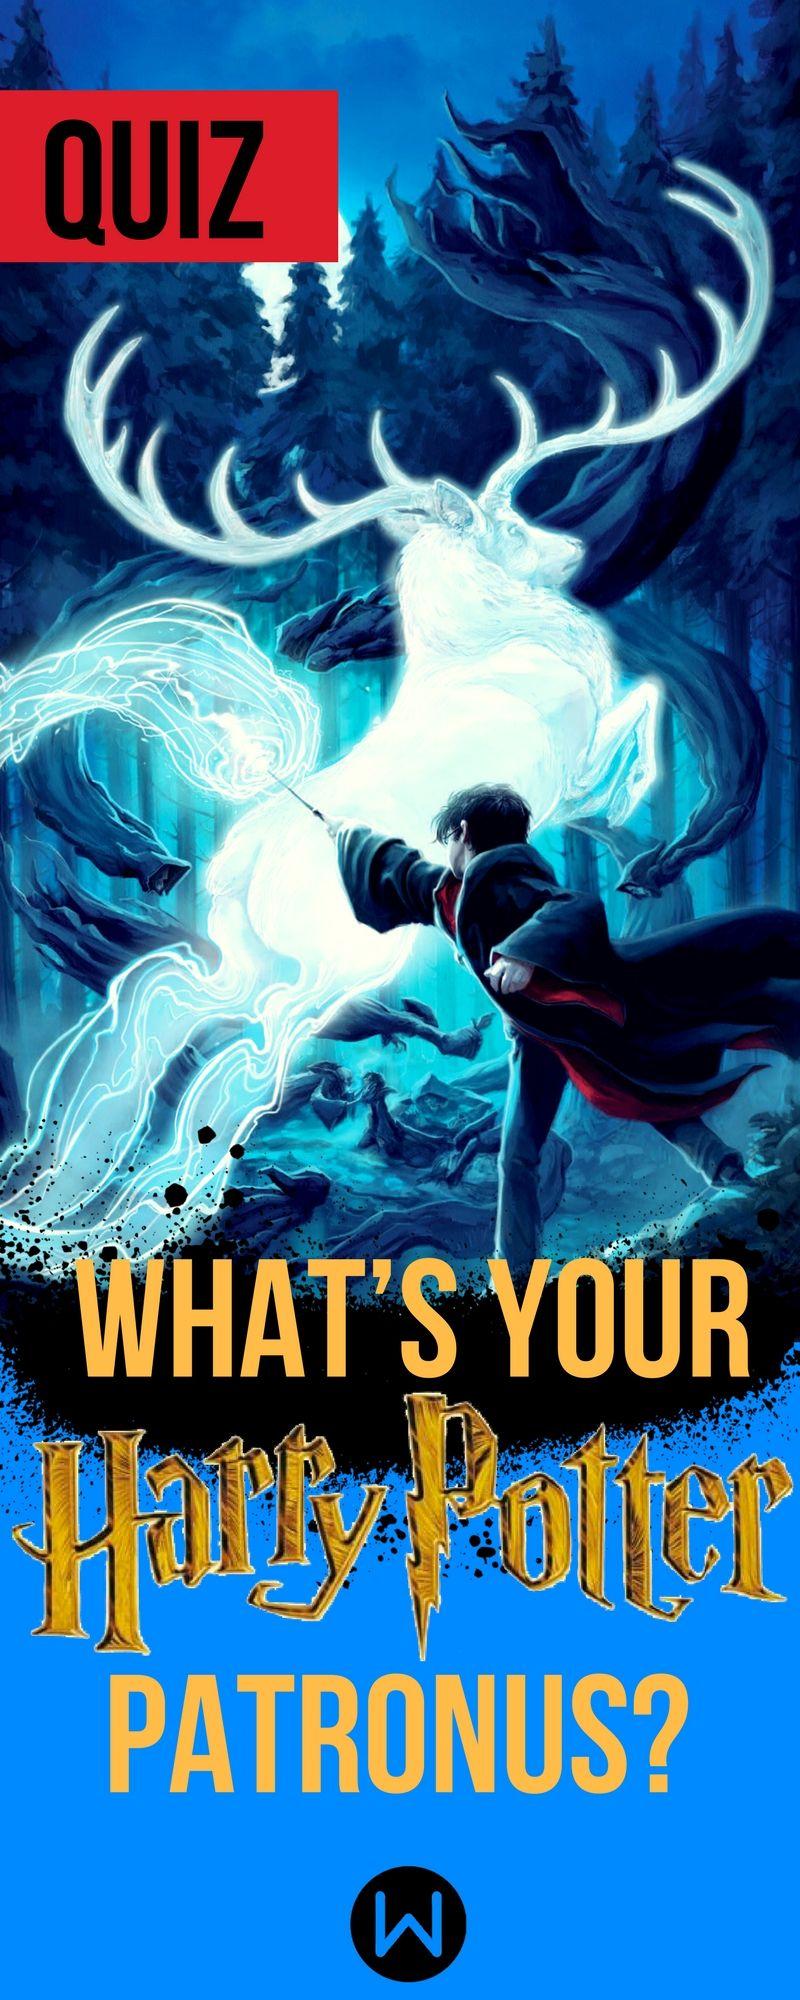 Quiz: What's Your Harry Potter Patronus? | Harry Potter